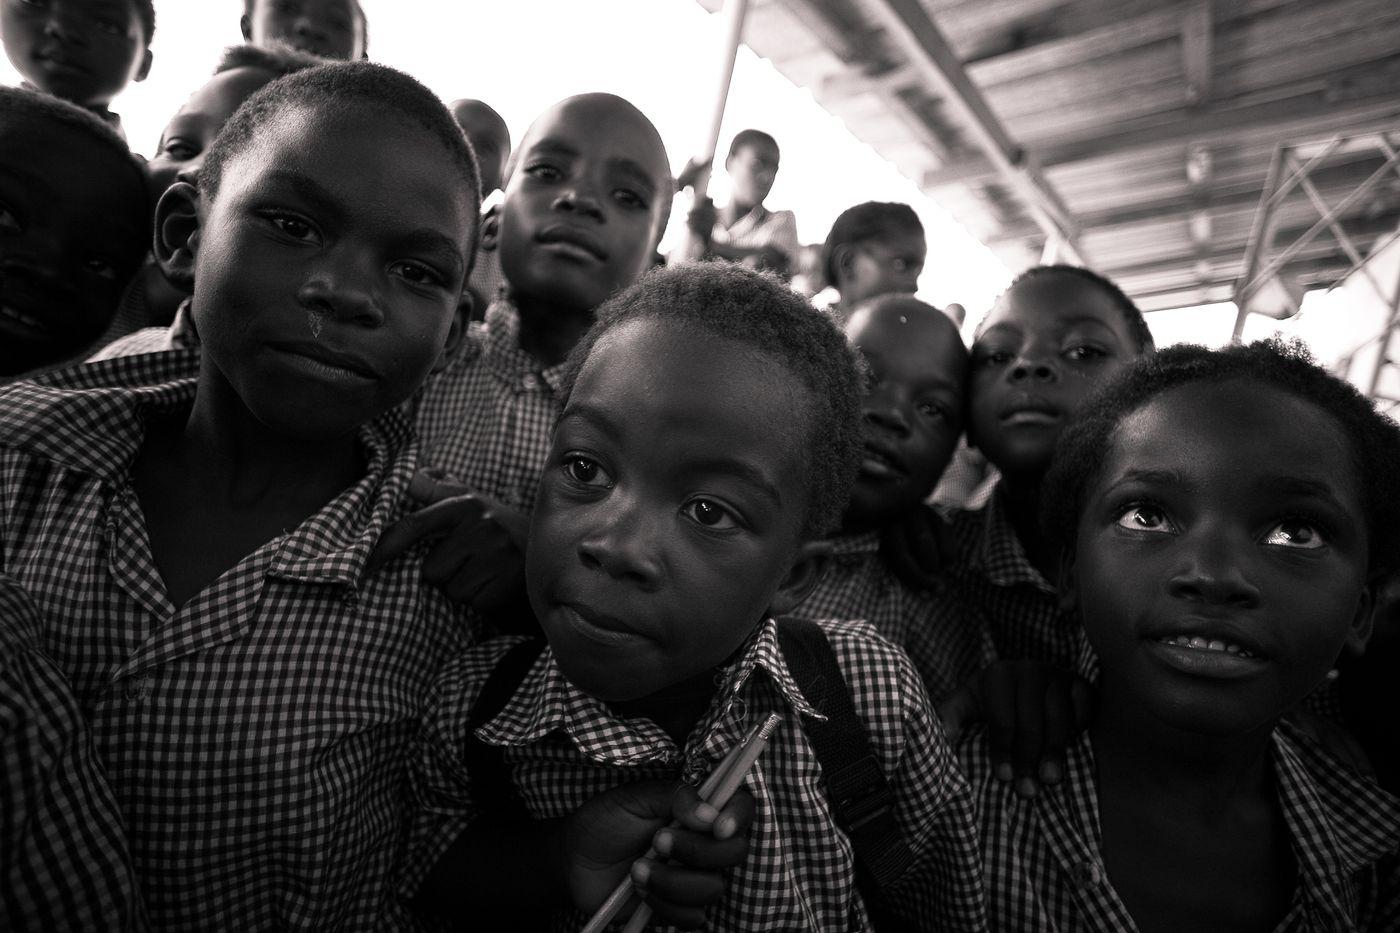 africa-web-10.2020-jpg-2-PRINT-2.jpg